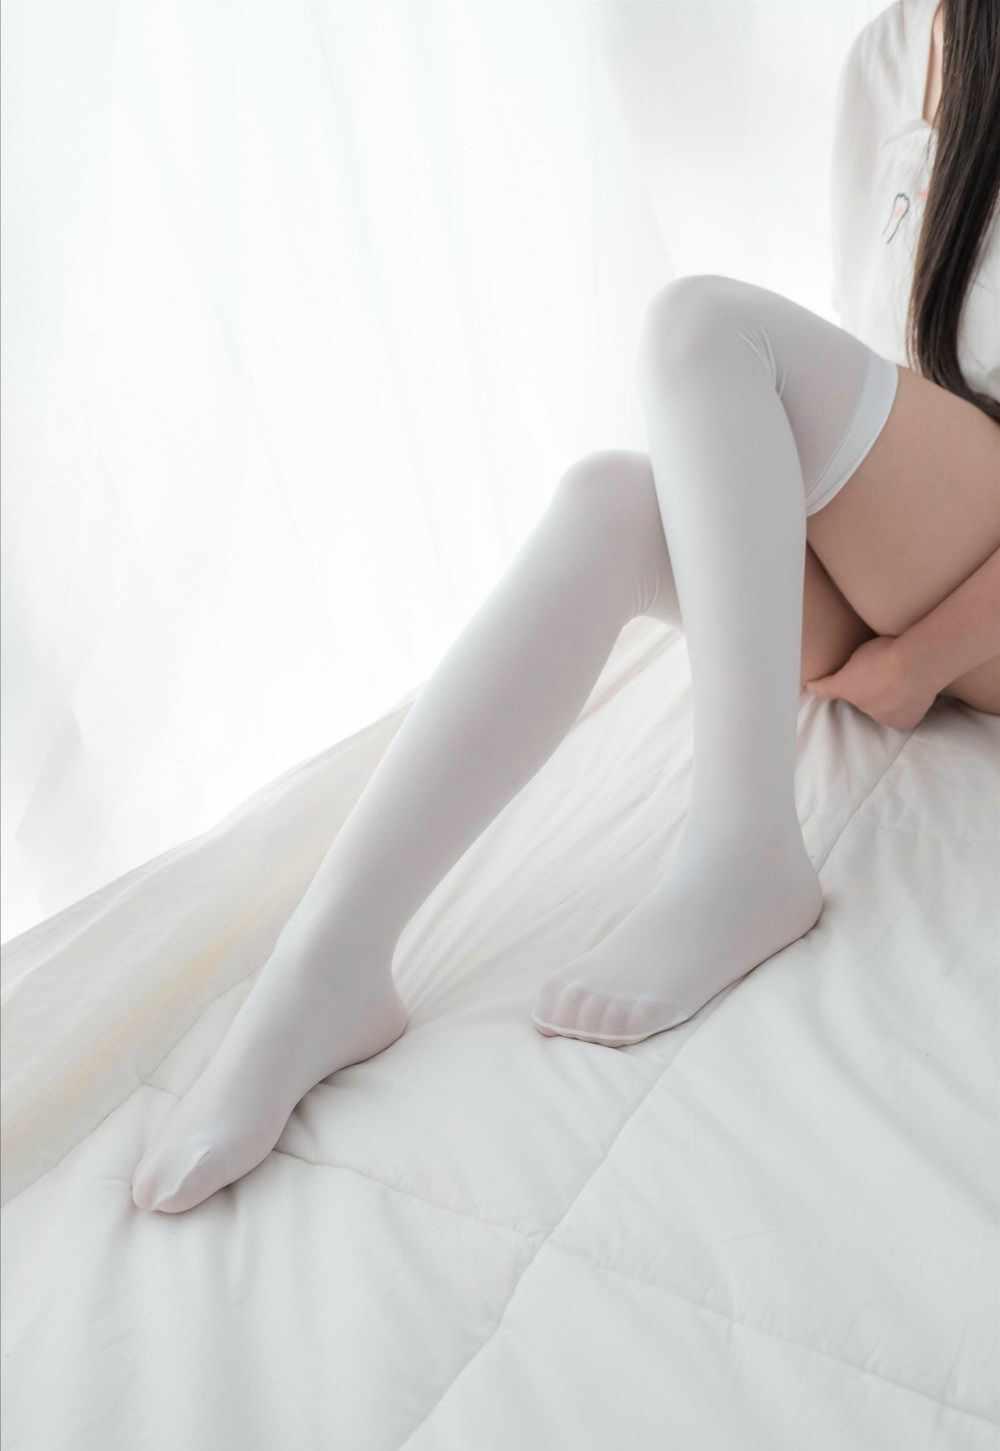 羞涩的白丝双马尾小萝莉夹枕套图-第2张图片-老九资源网_免费资源搜集分享平台